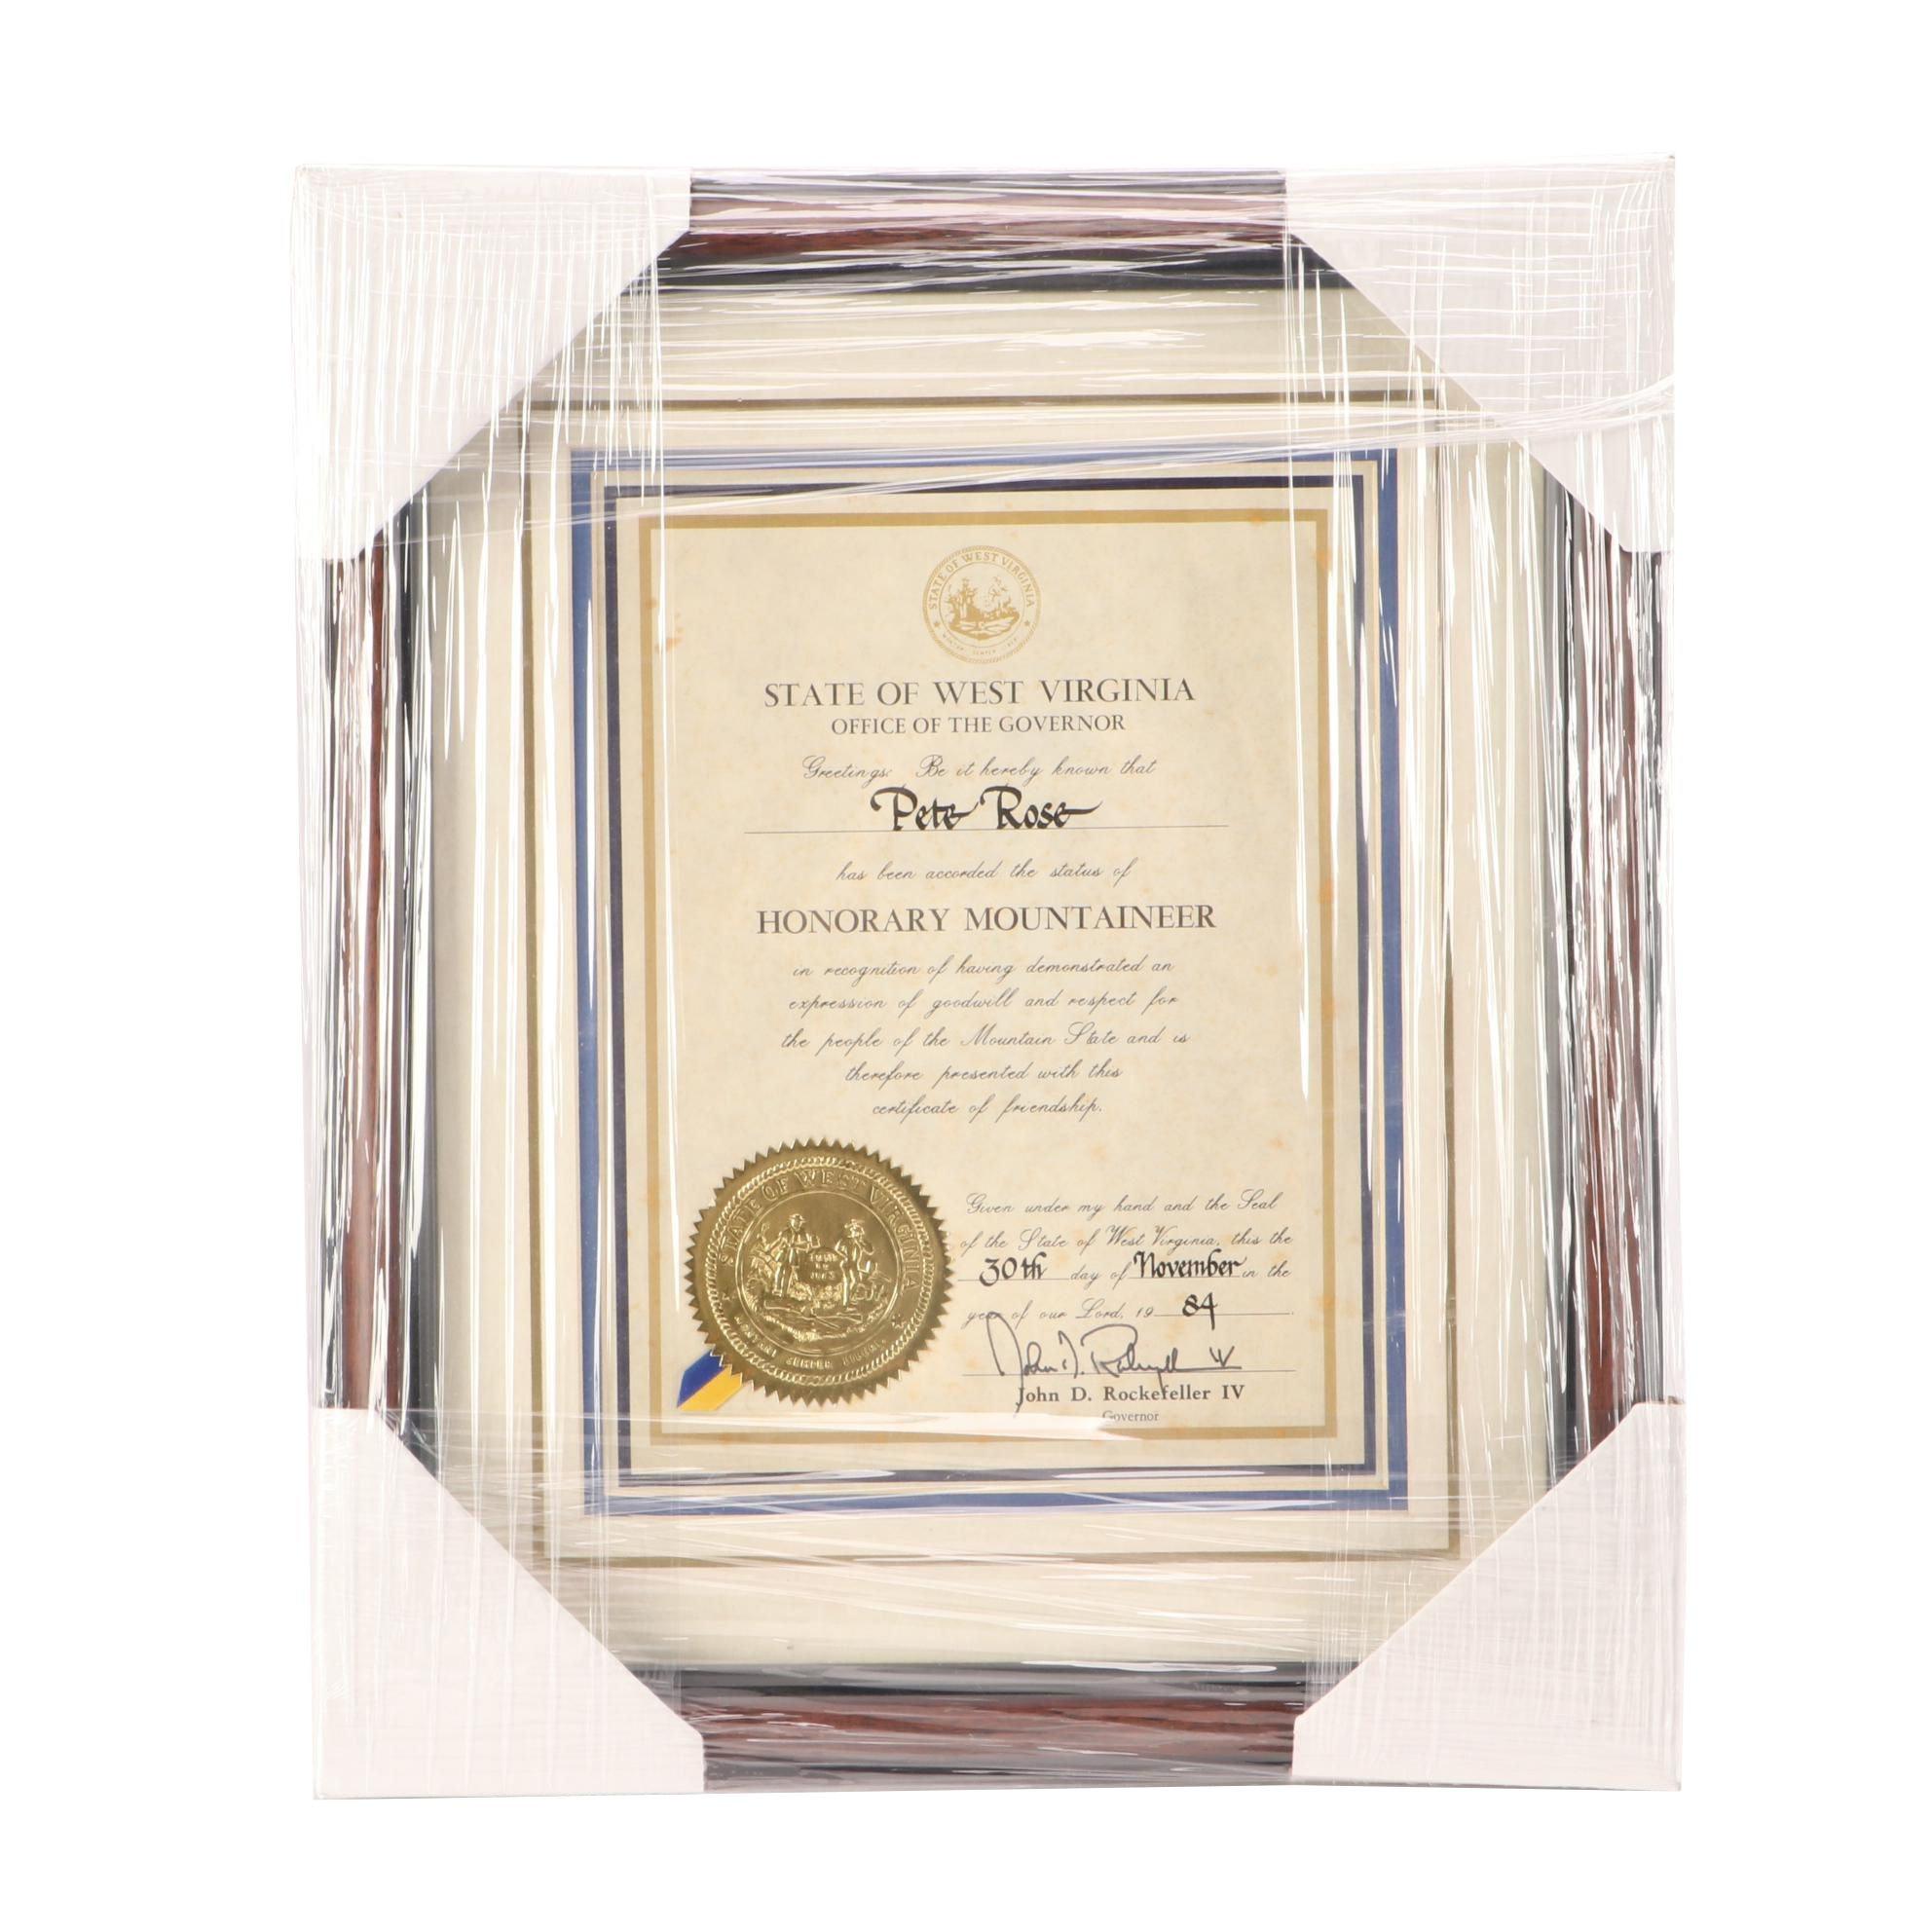 1984 Pete Rose Award  COA